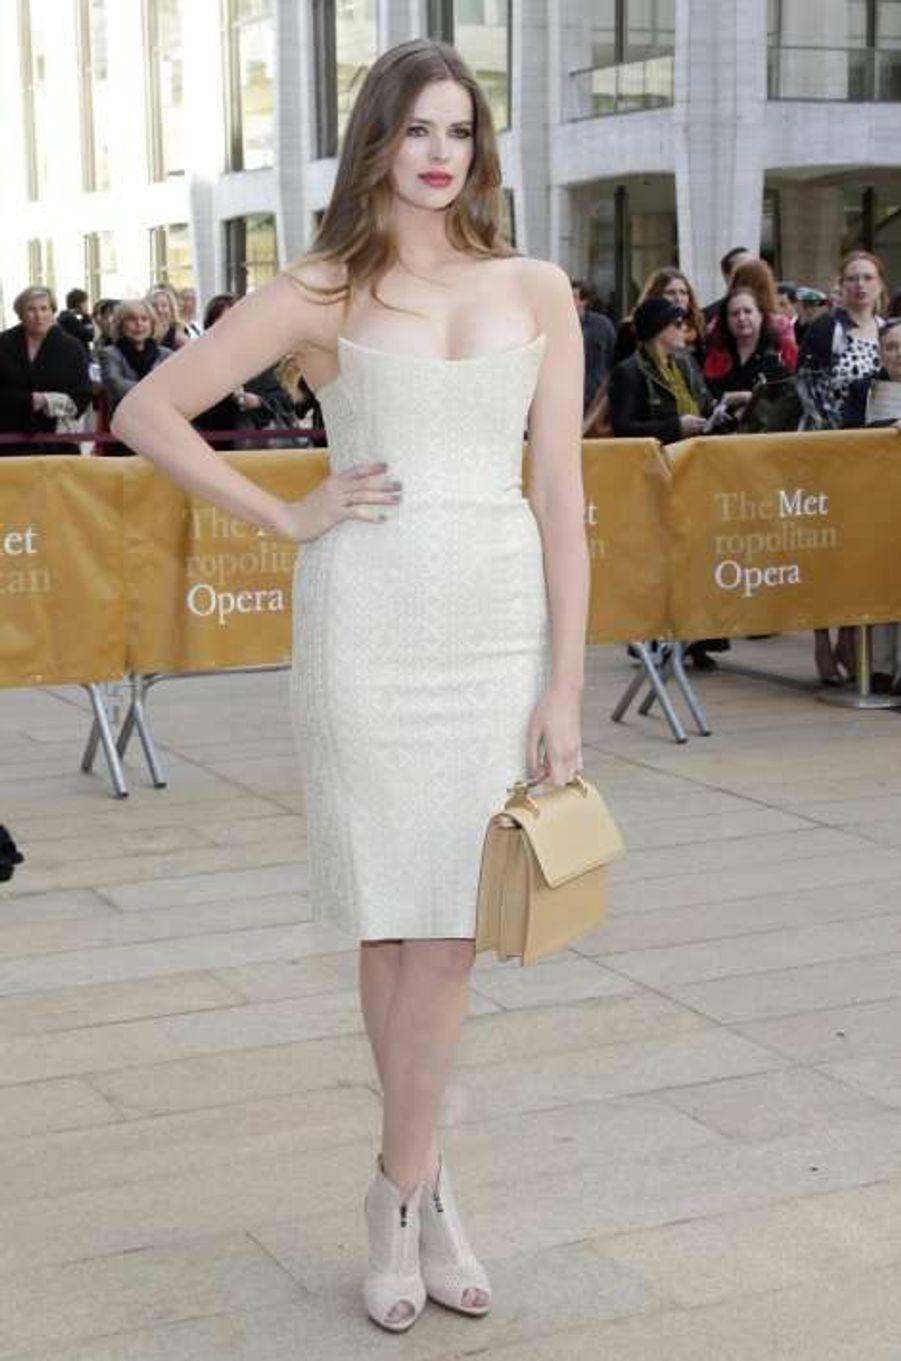 Robyn Lawley, l'Australienne aux formes généreuses est également une étoile montante du monde de la mode.